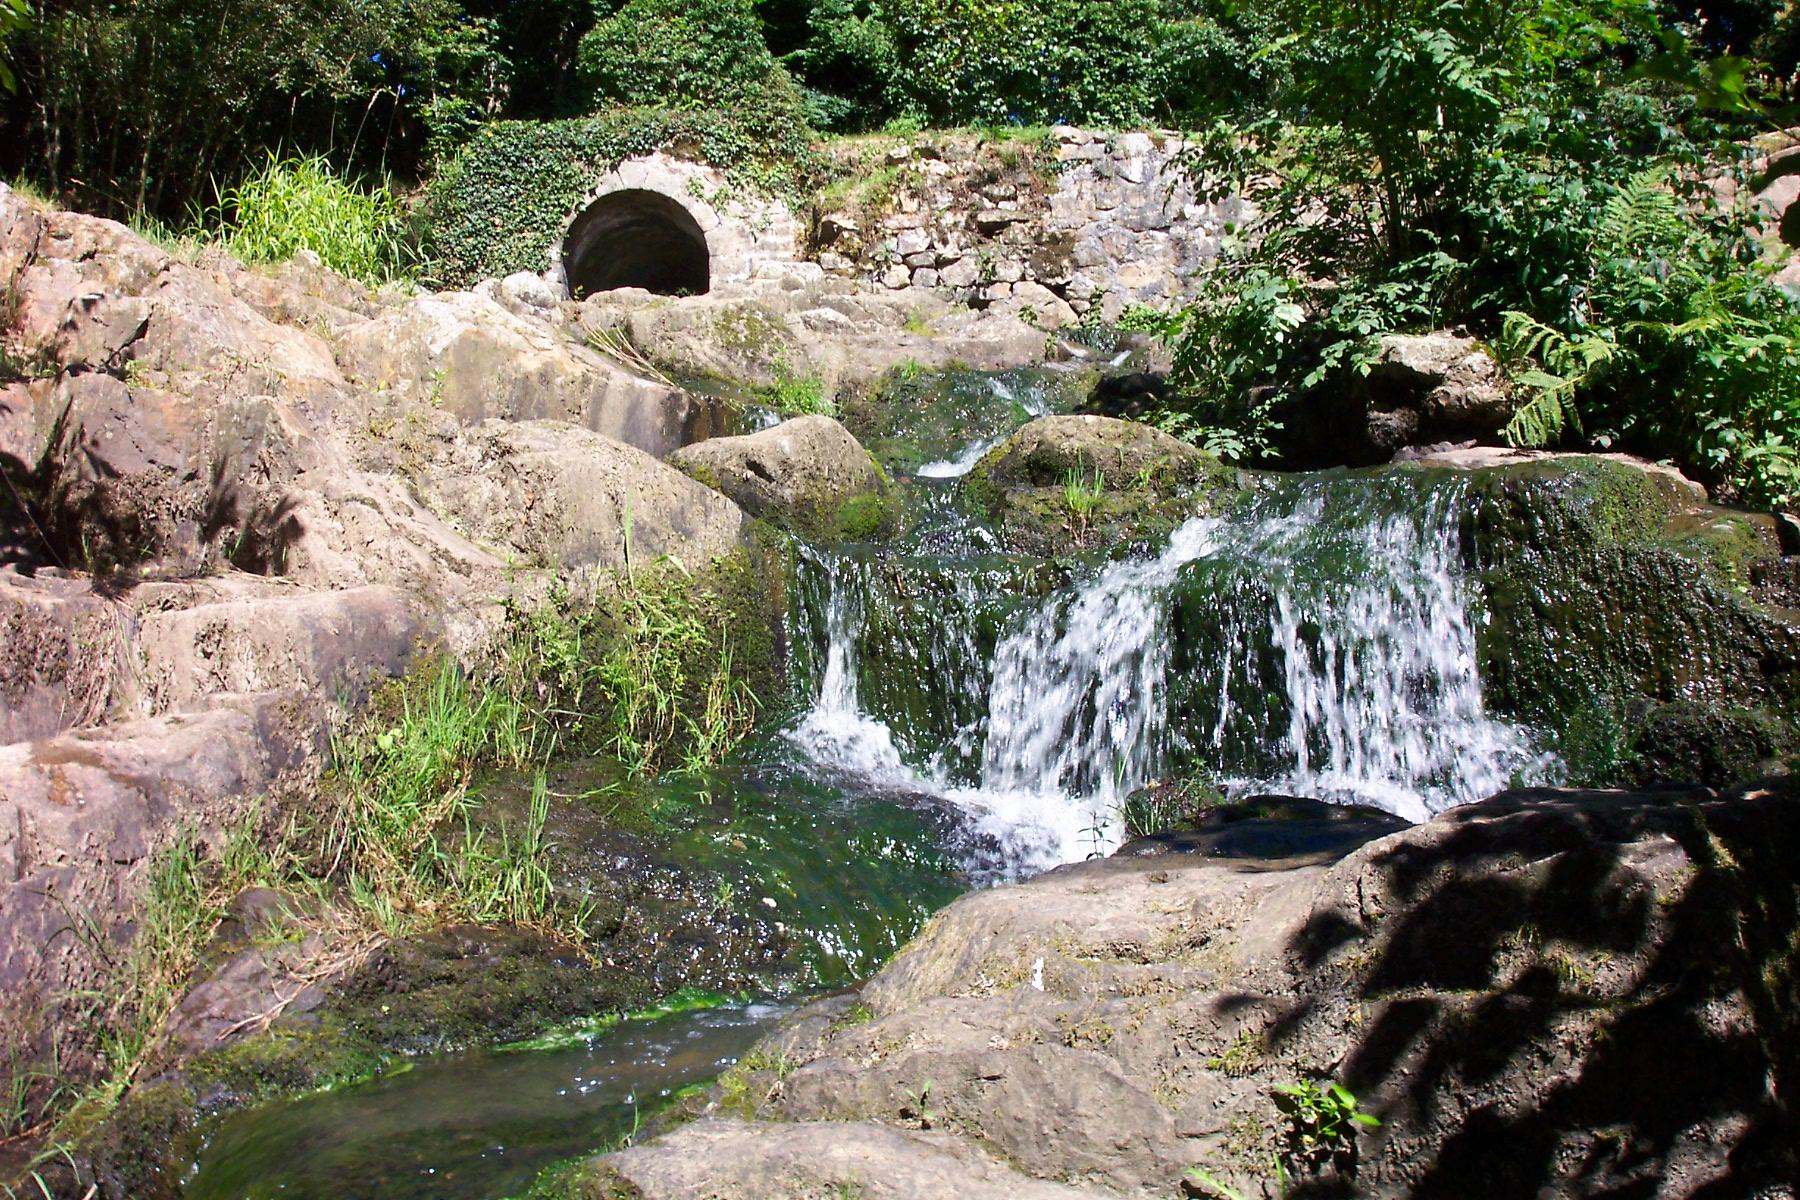 Die Teufelsbrücke auf dem Gipfel des kleinen Wasserfalls, Foto von boblenormand, Lizenz: CC by SA